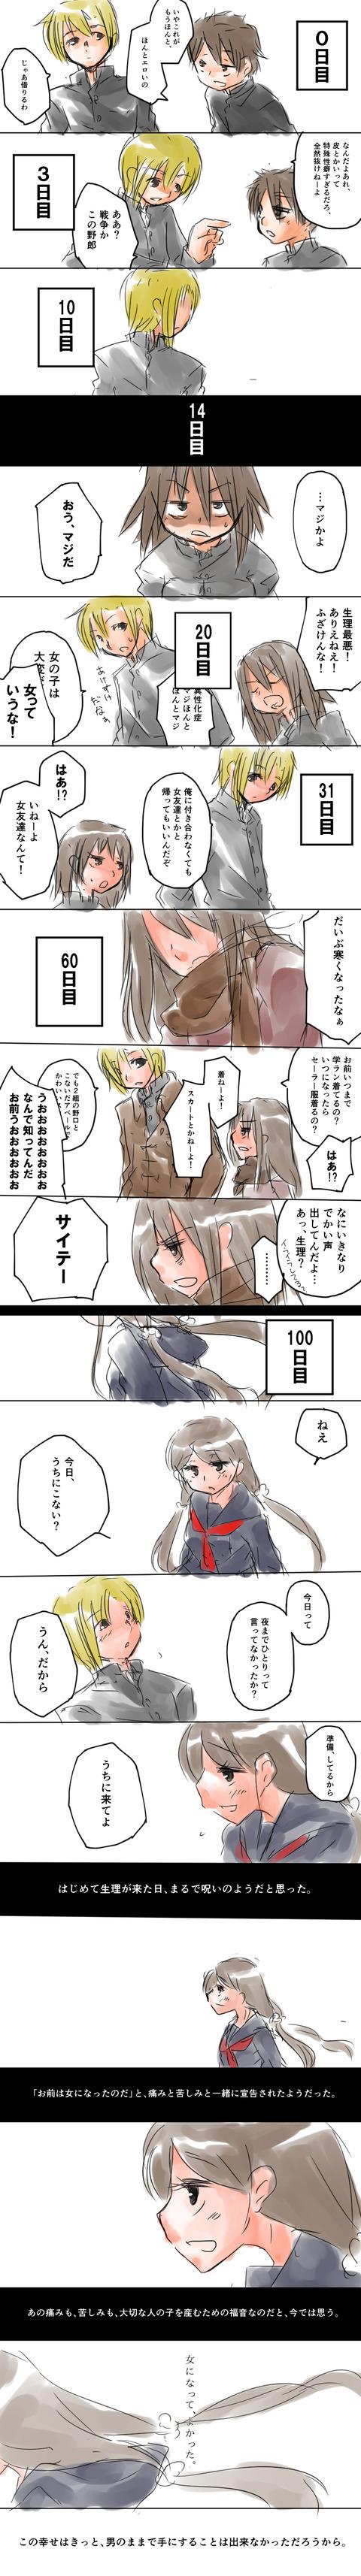 rape001